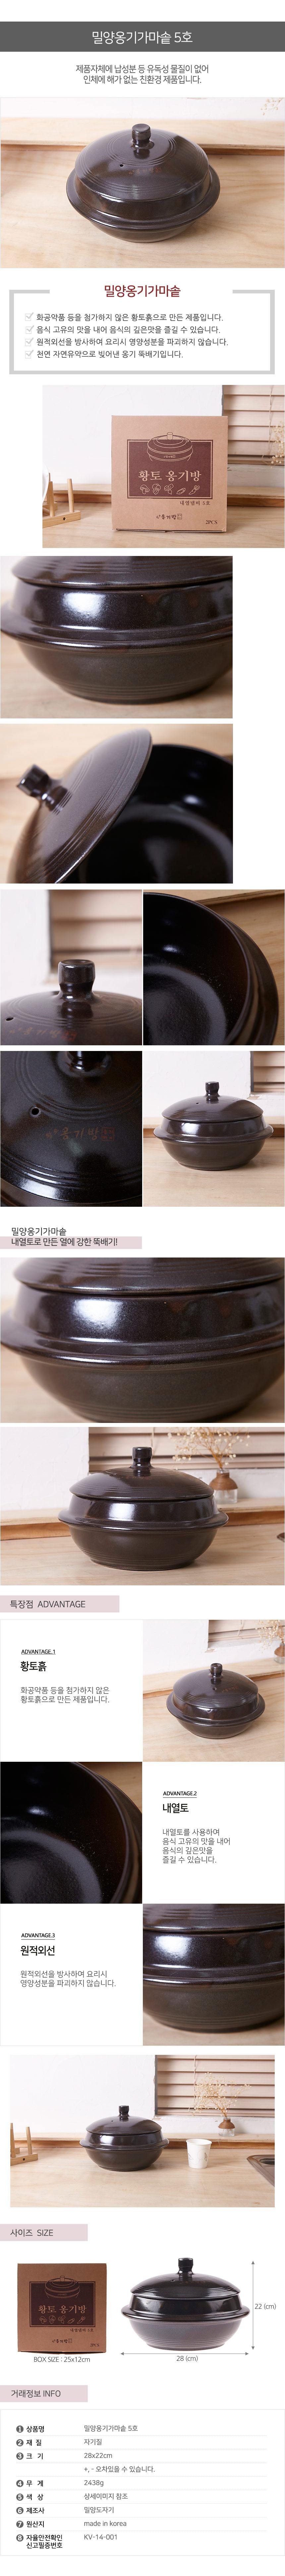 밀양 옹기 가마솥 5호 28x22cm - 익스트리모, 27,000원, 압력솥/찜기, 찜기